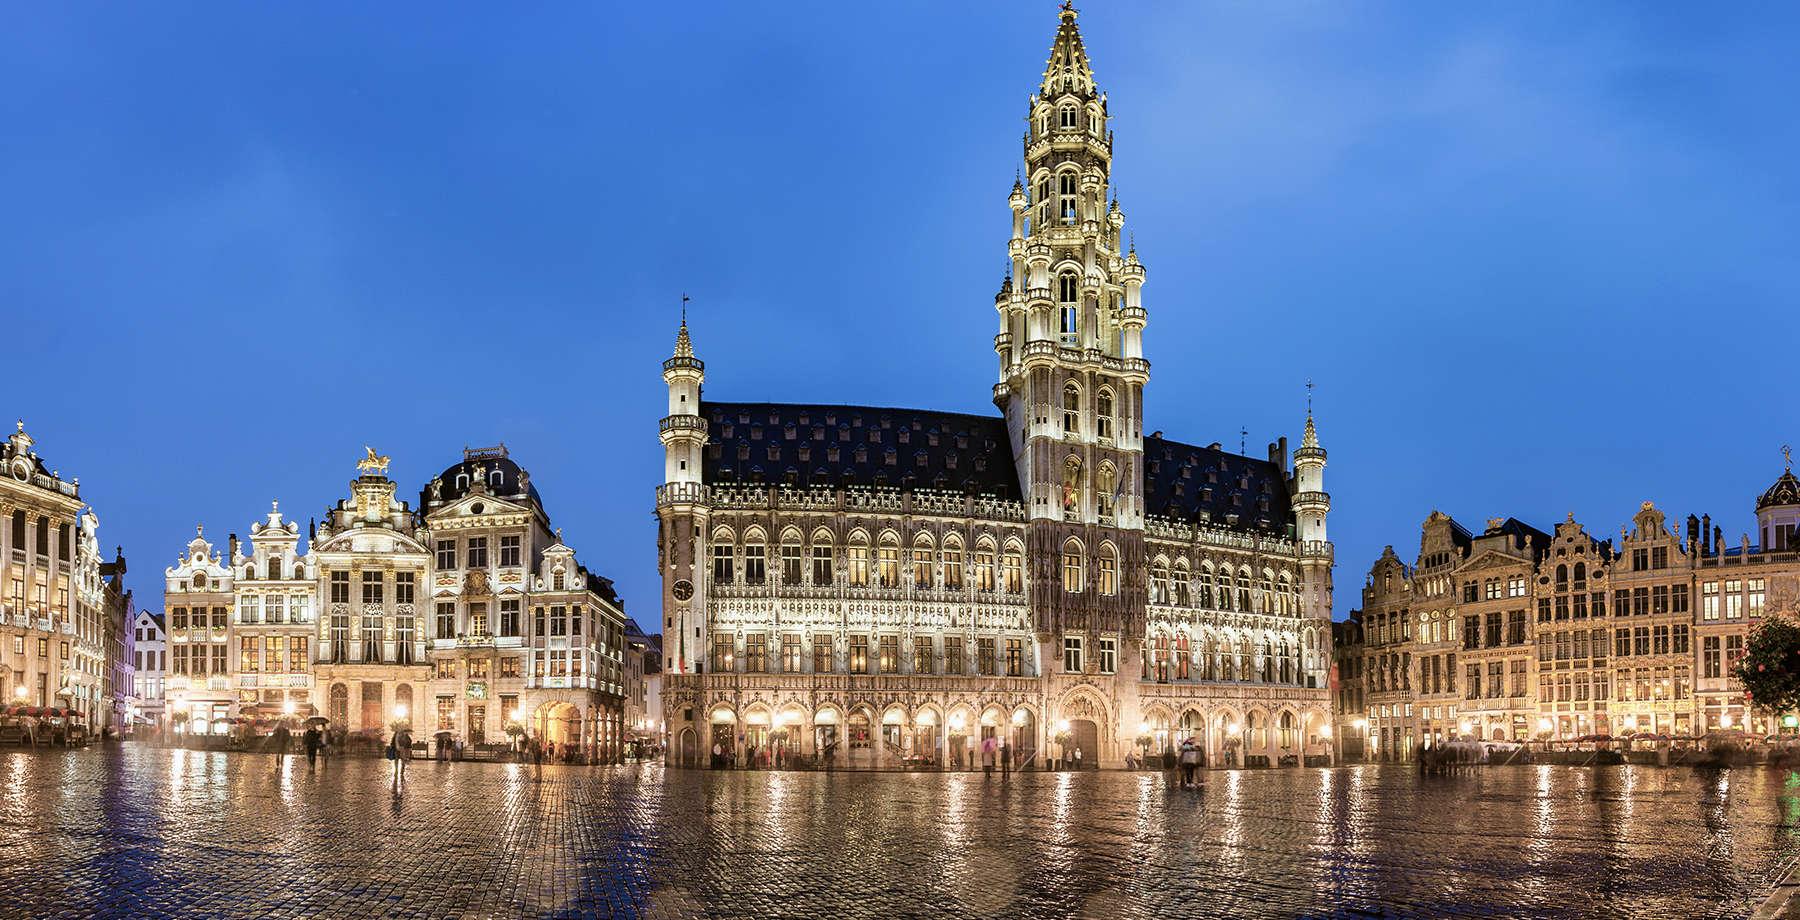 Čokoládovny v Belgii, světové chrámy sladkostí